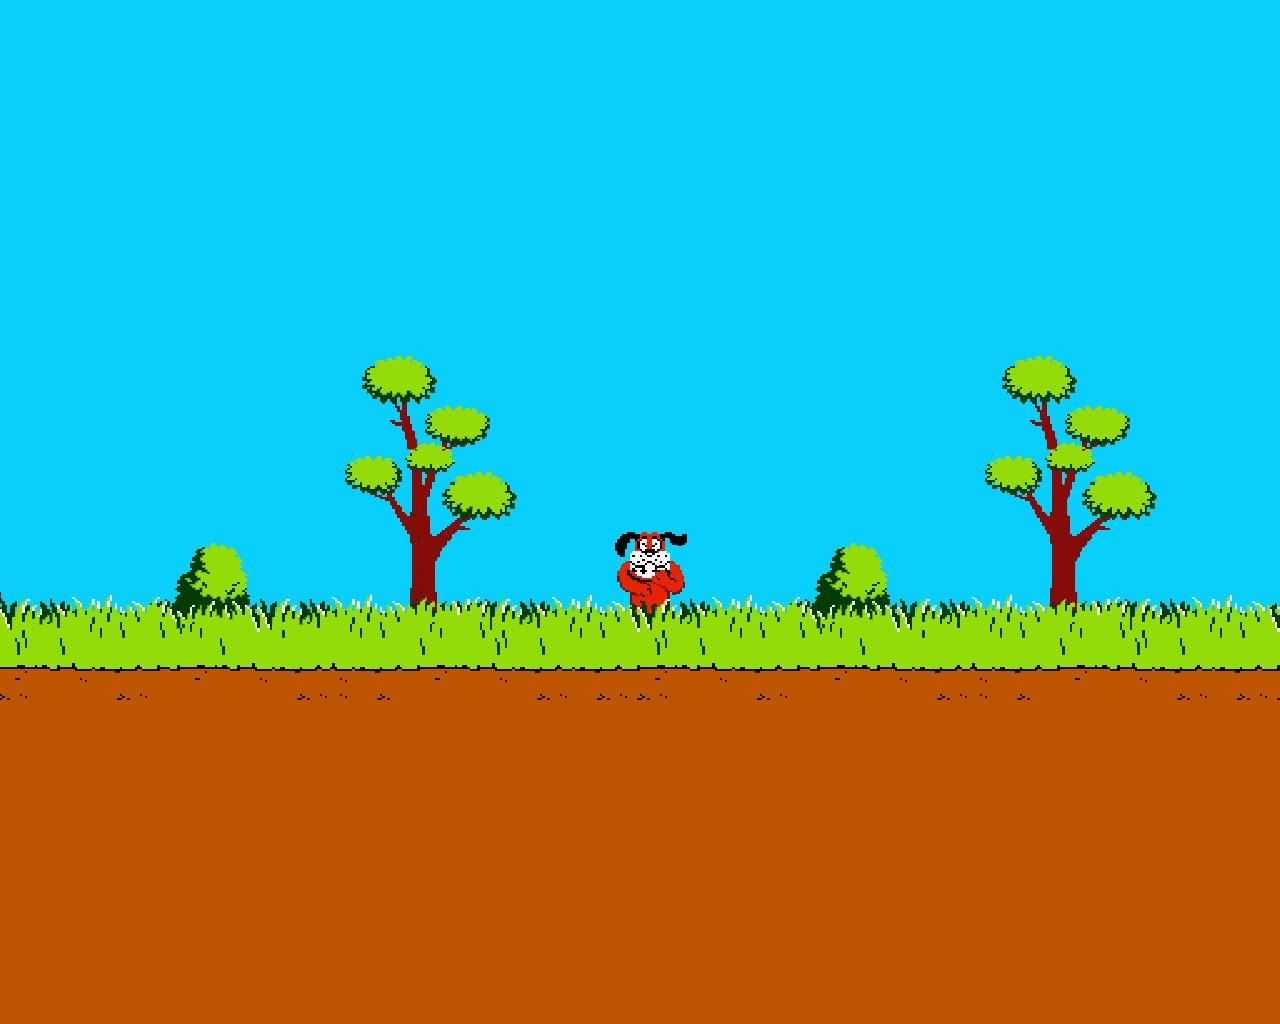 Fond Décran Des Arbres Illustration Jeux Vidéo Pixel